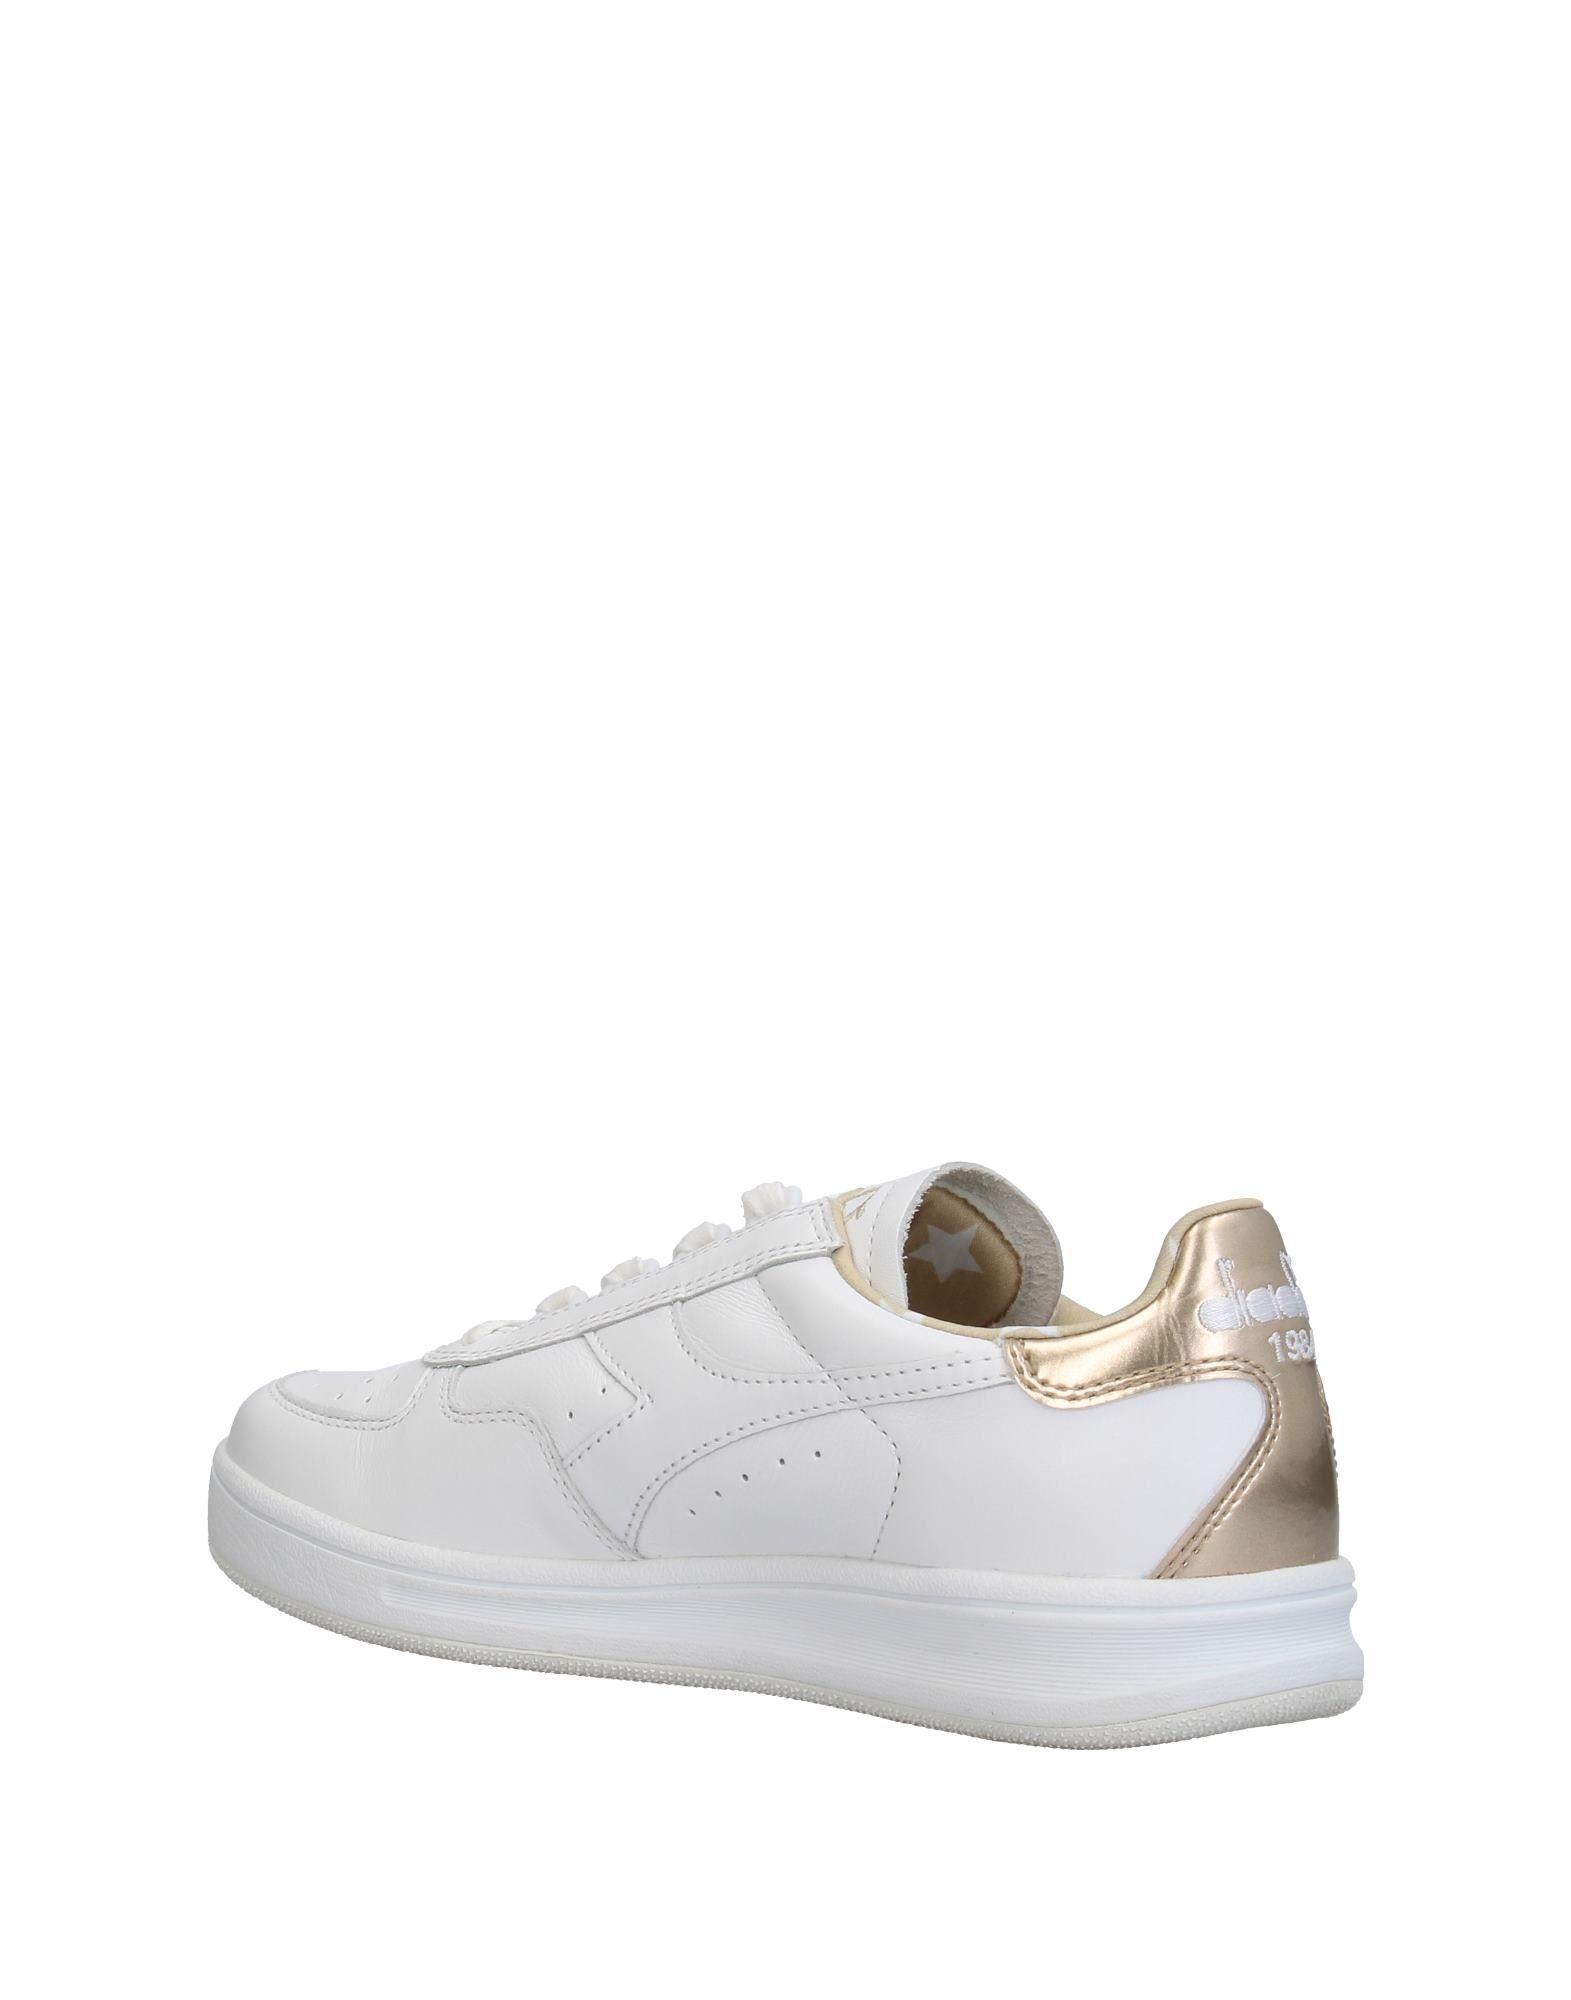 Diadora 11399872RQ Heritage Sneakers Damen  11399872RQ Diadora Gute Qualität beliebte Schuhe 0d98bf